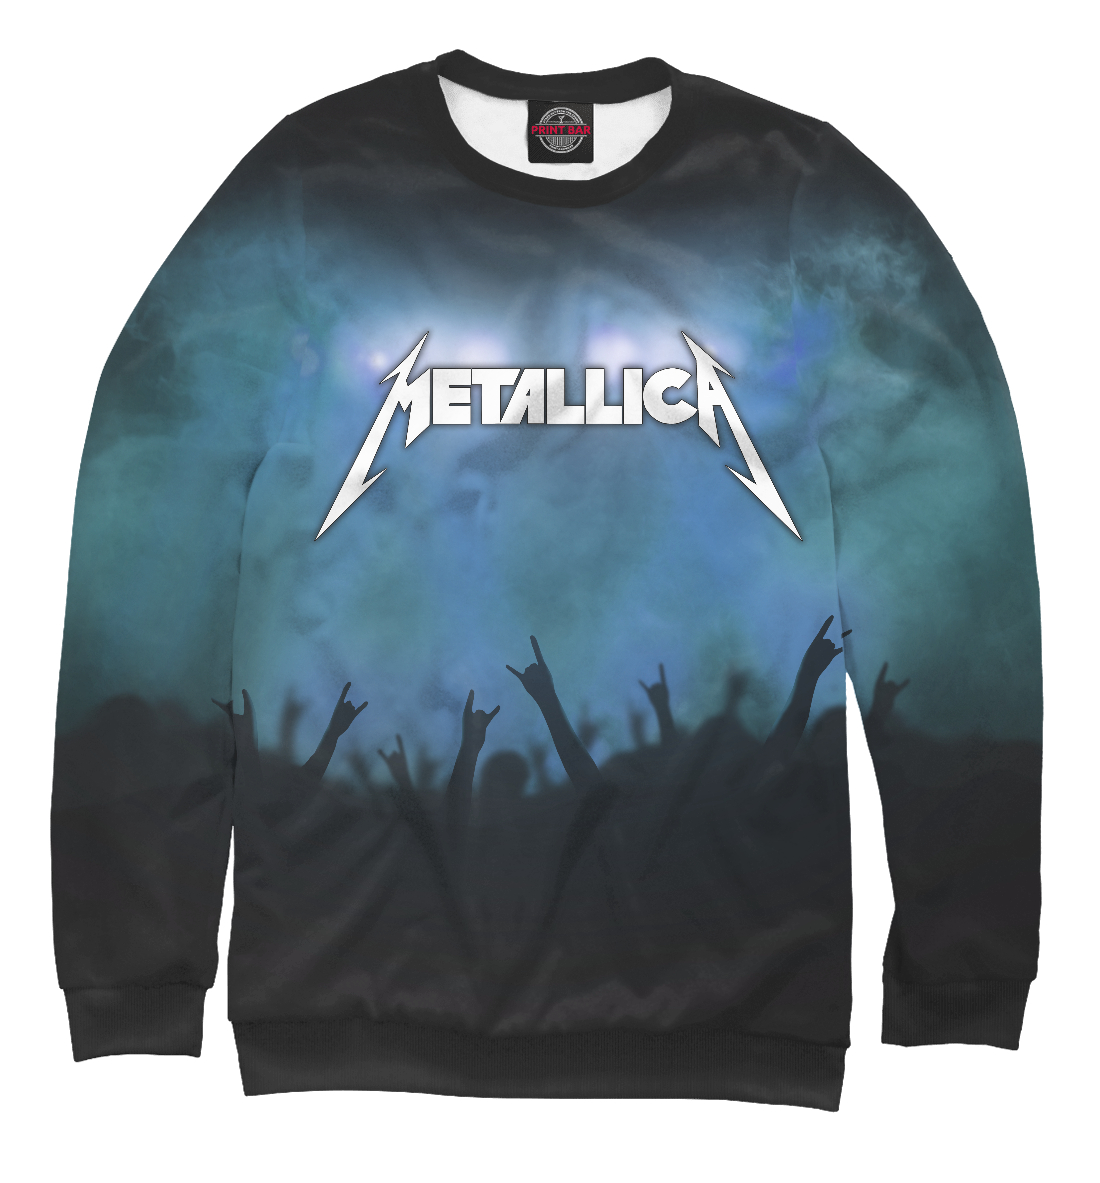 Купить Metallica, Printbar, Свитшоты, MET-150985-swi-1